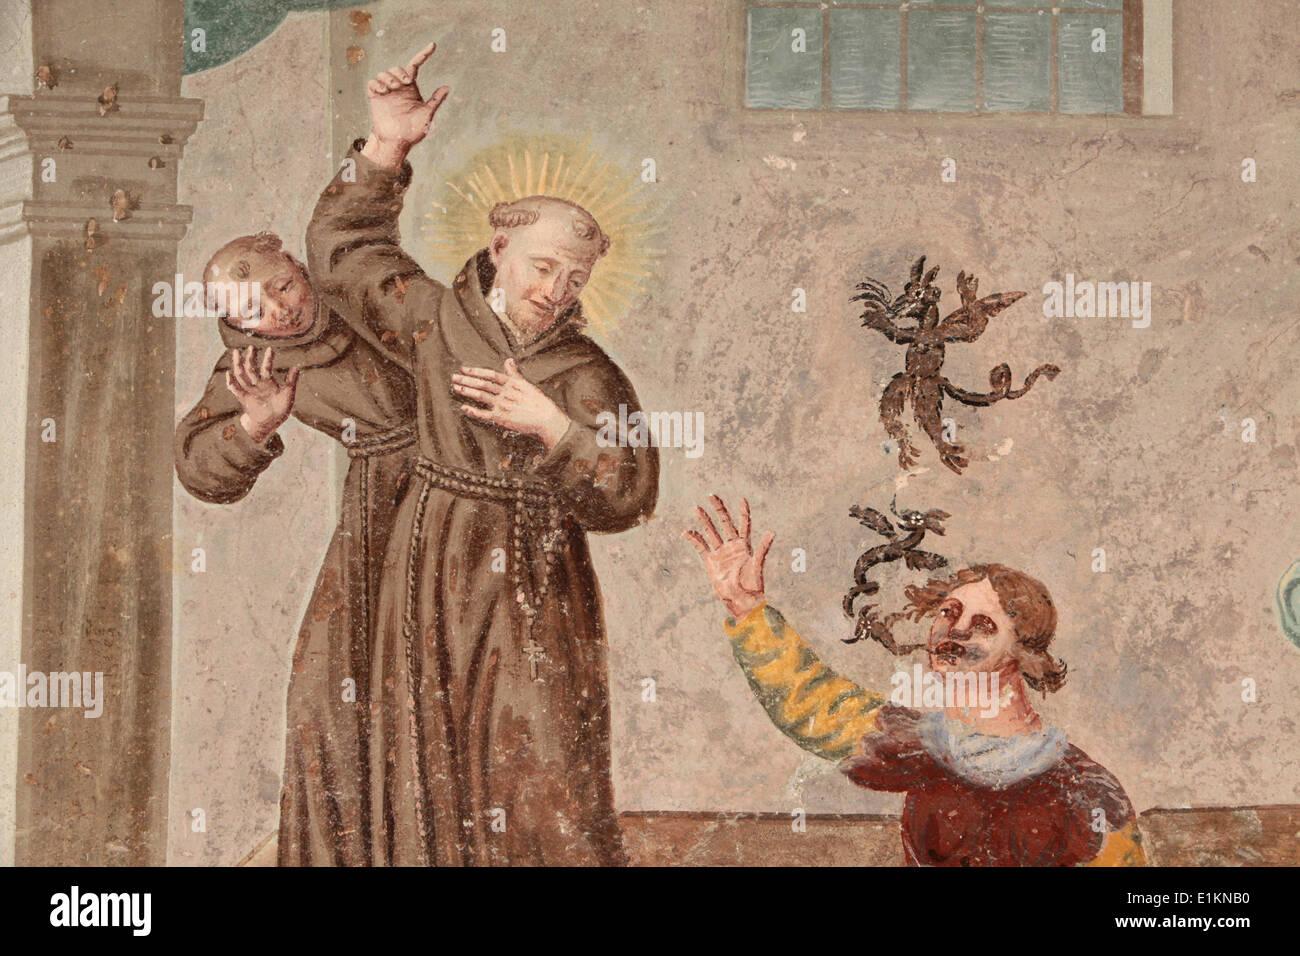 Nett St Francis Färbung Seite Ideen - Malvorlagen Von Tieren - ngadi ...